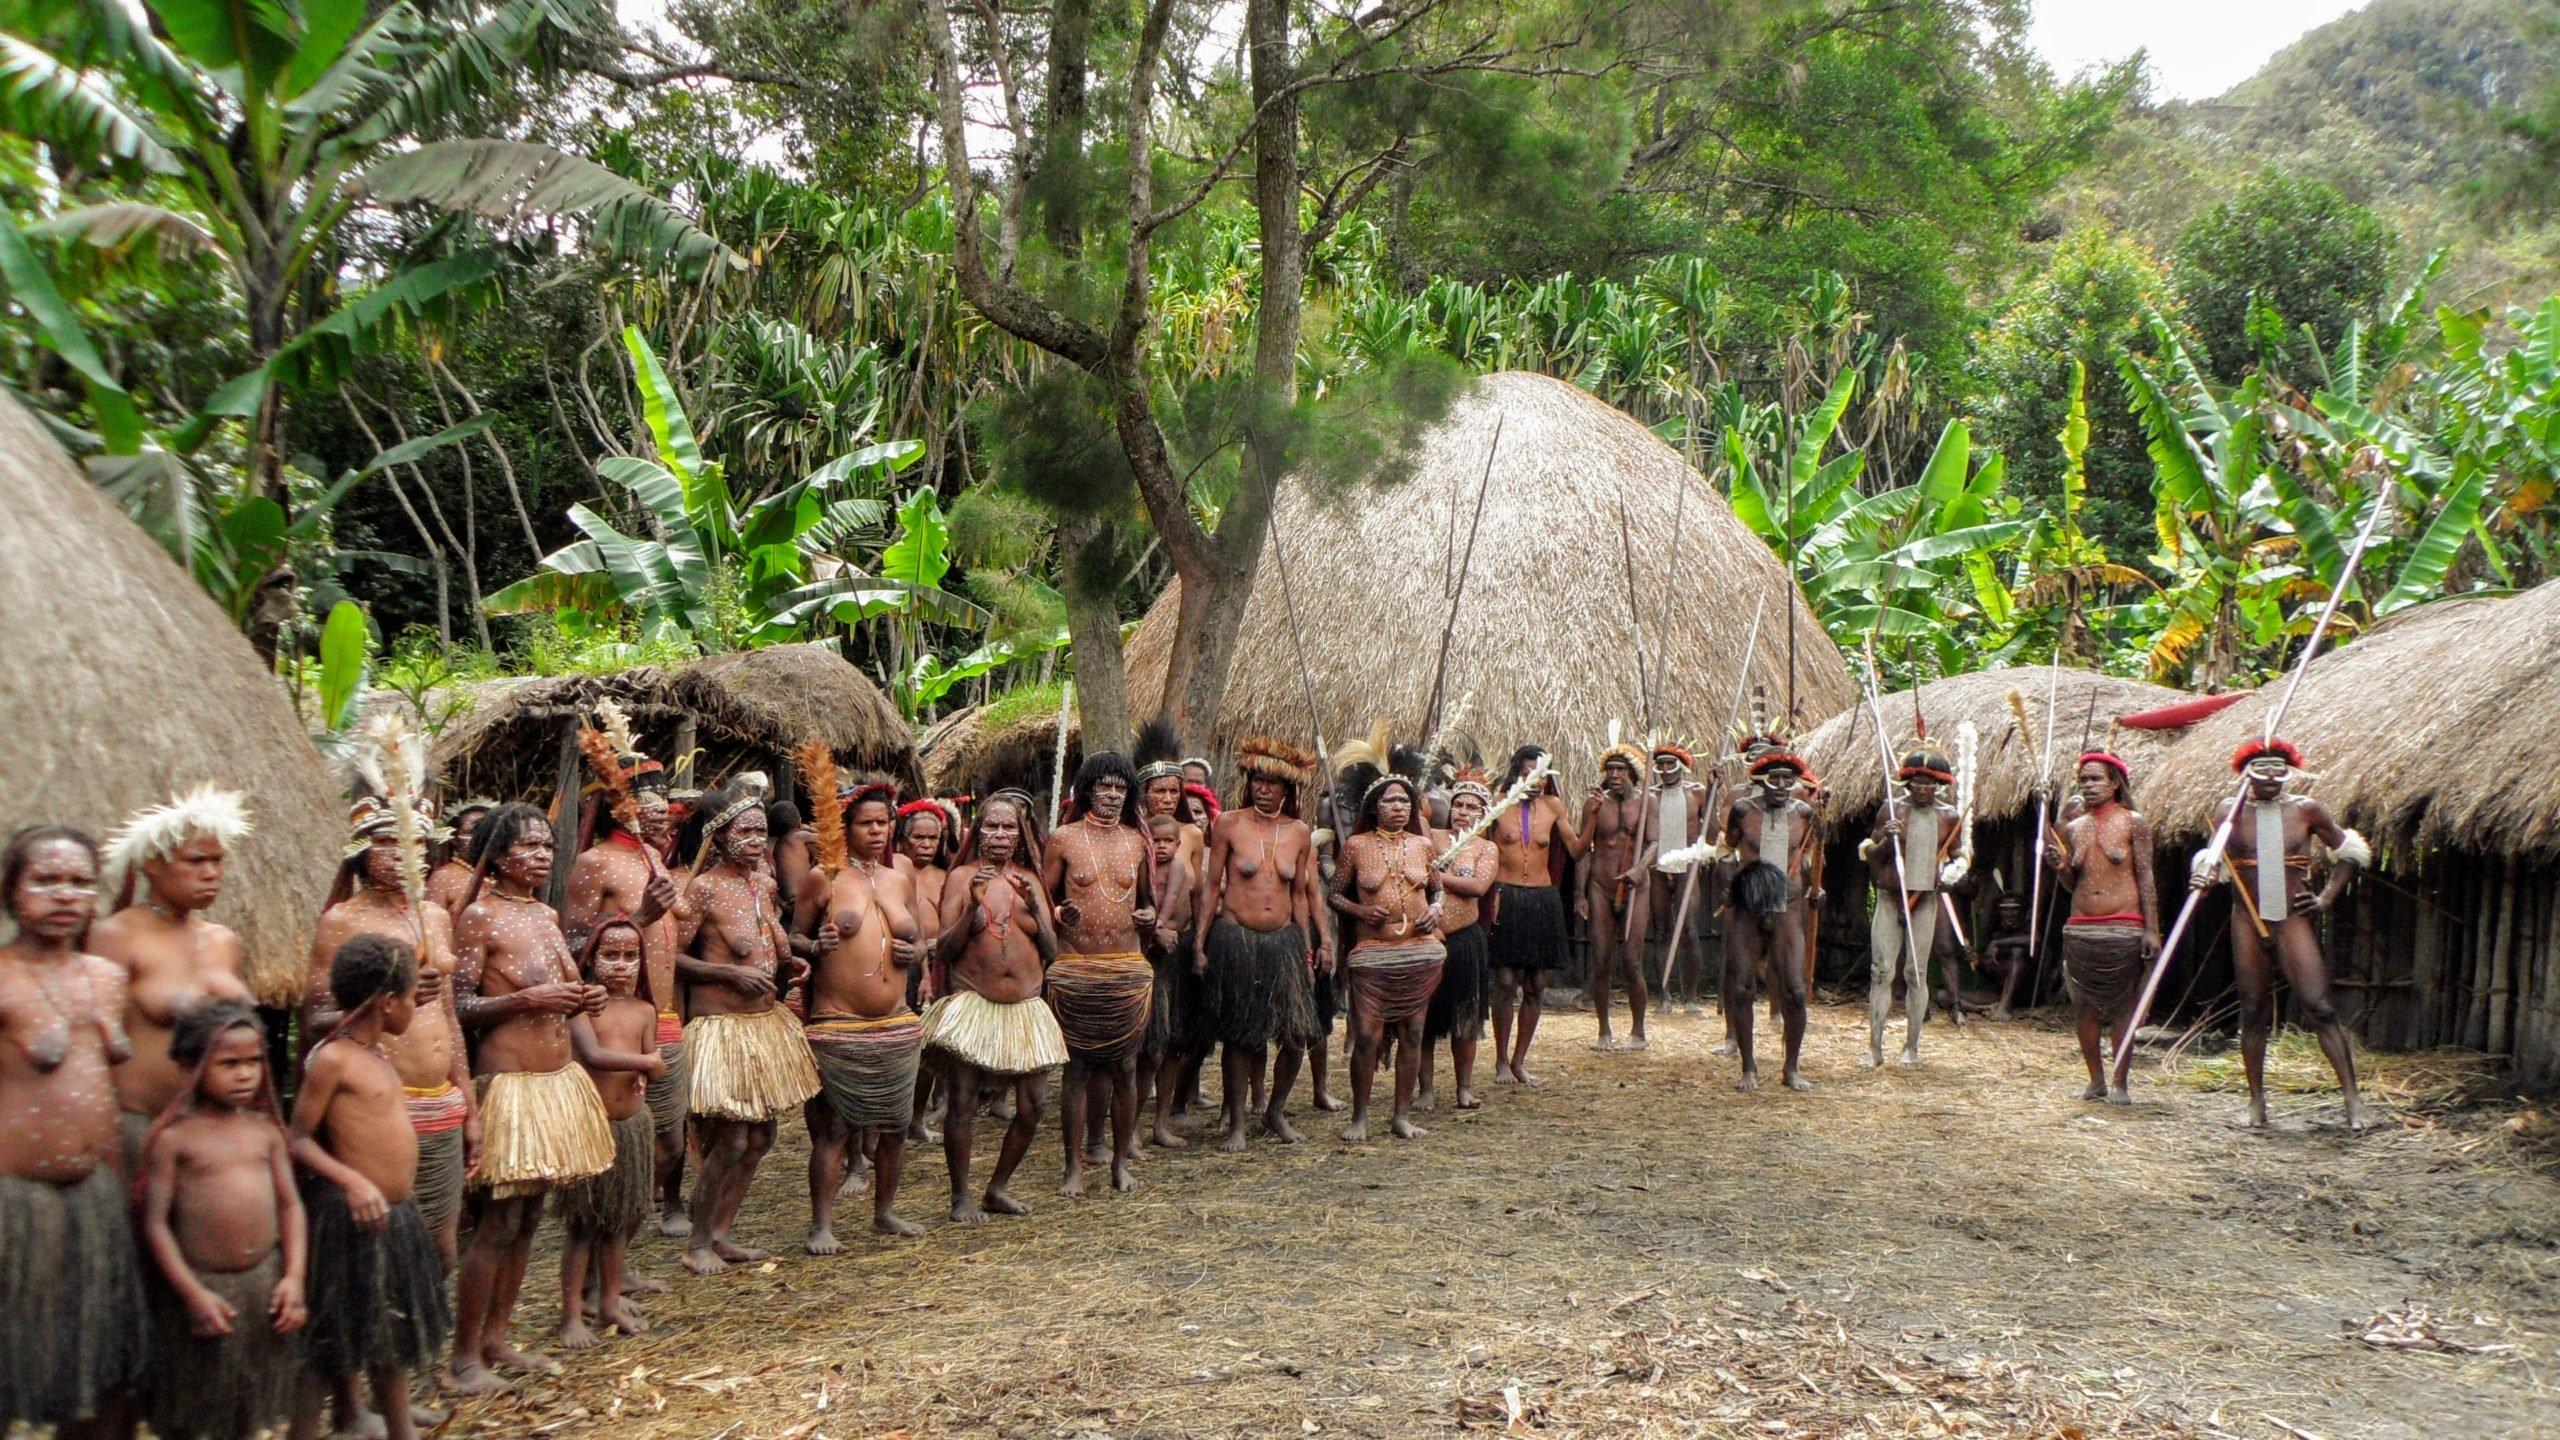 Putovanje Indonezija - Papua - Festival i treking u dolini Baliem (17)